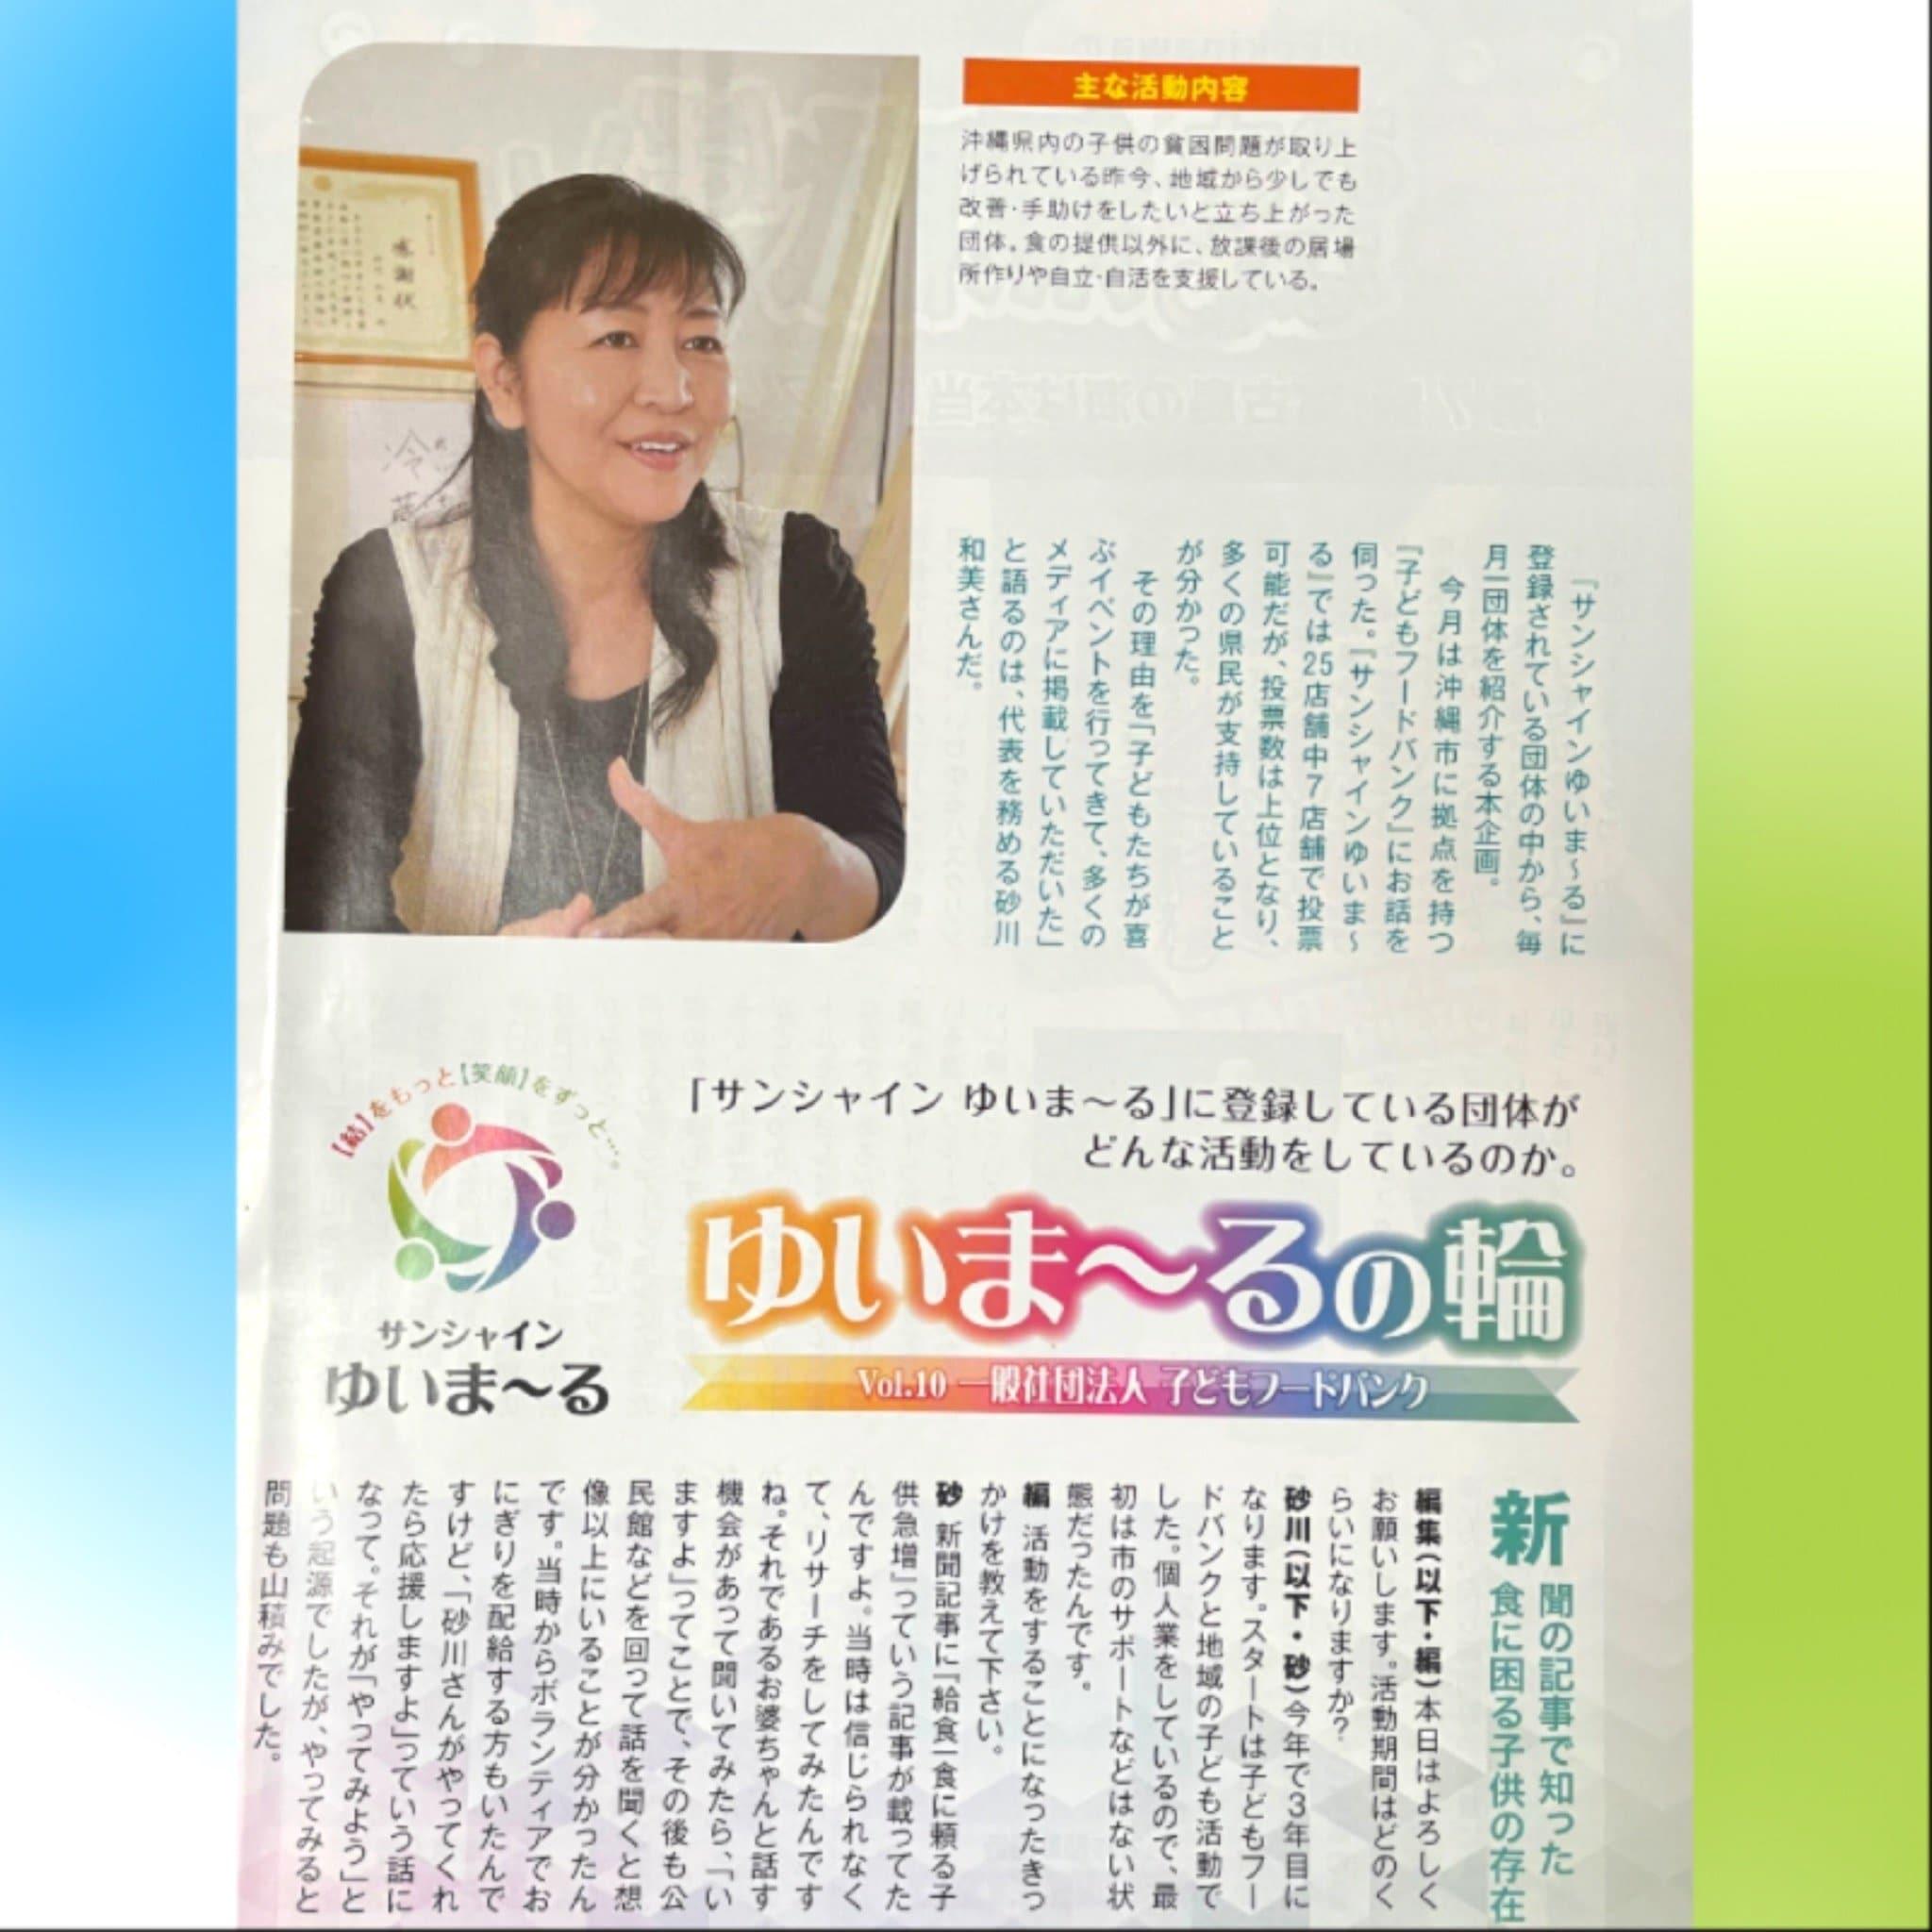 【毎月定期】子どもフードバンクのスタッフ応援チケット3000円のイメージその2